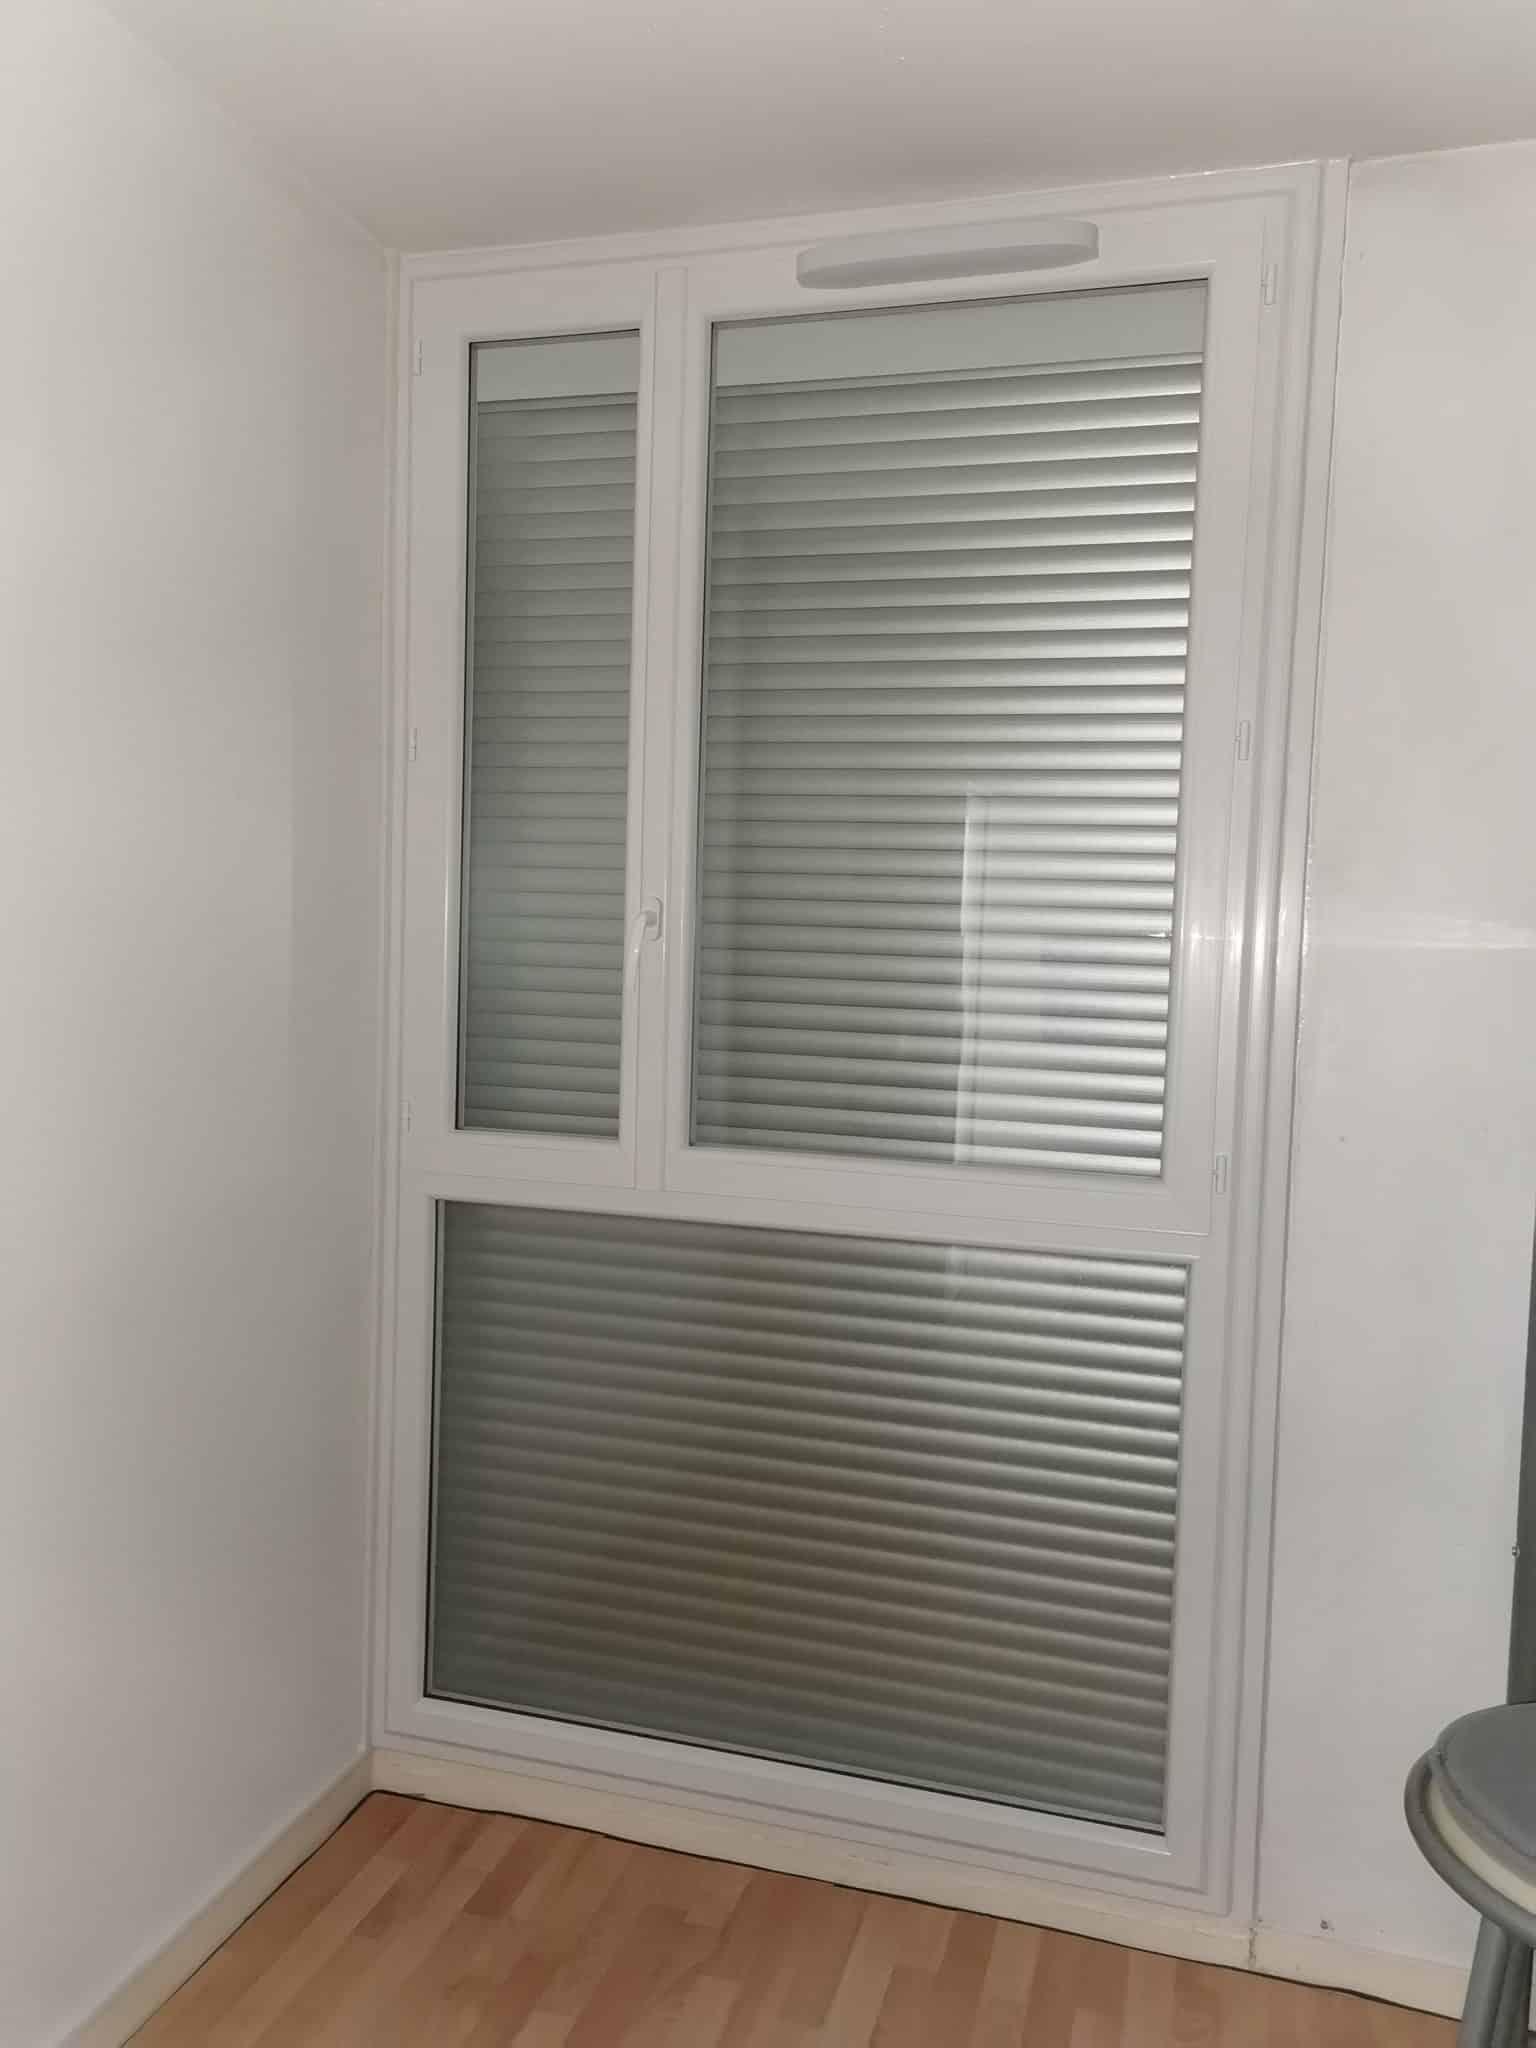 Fenêtre PVC  sur allège vitrée avec volet roulant